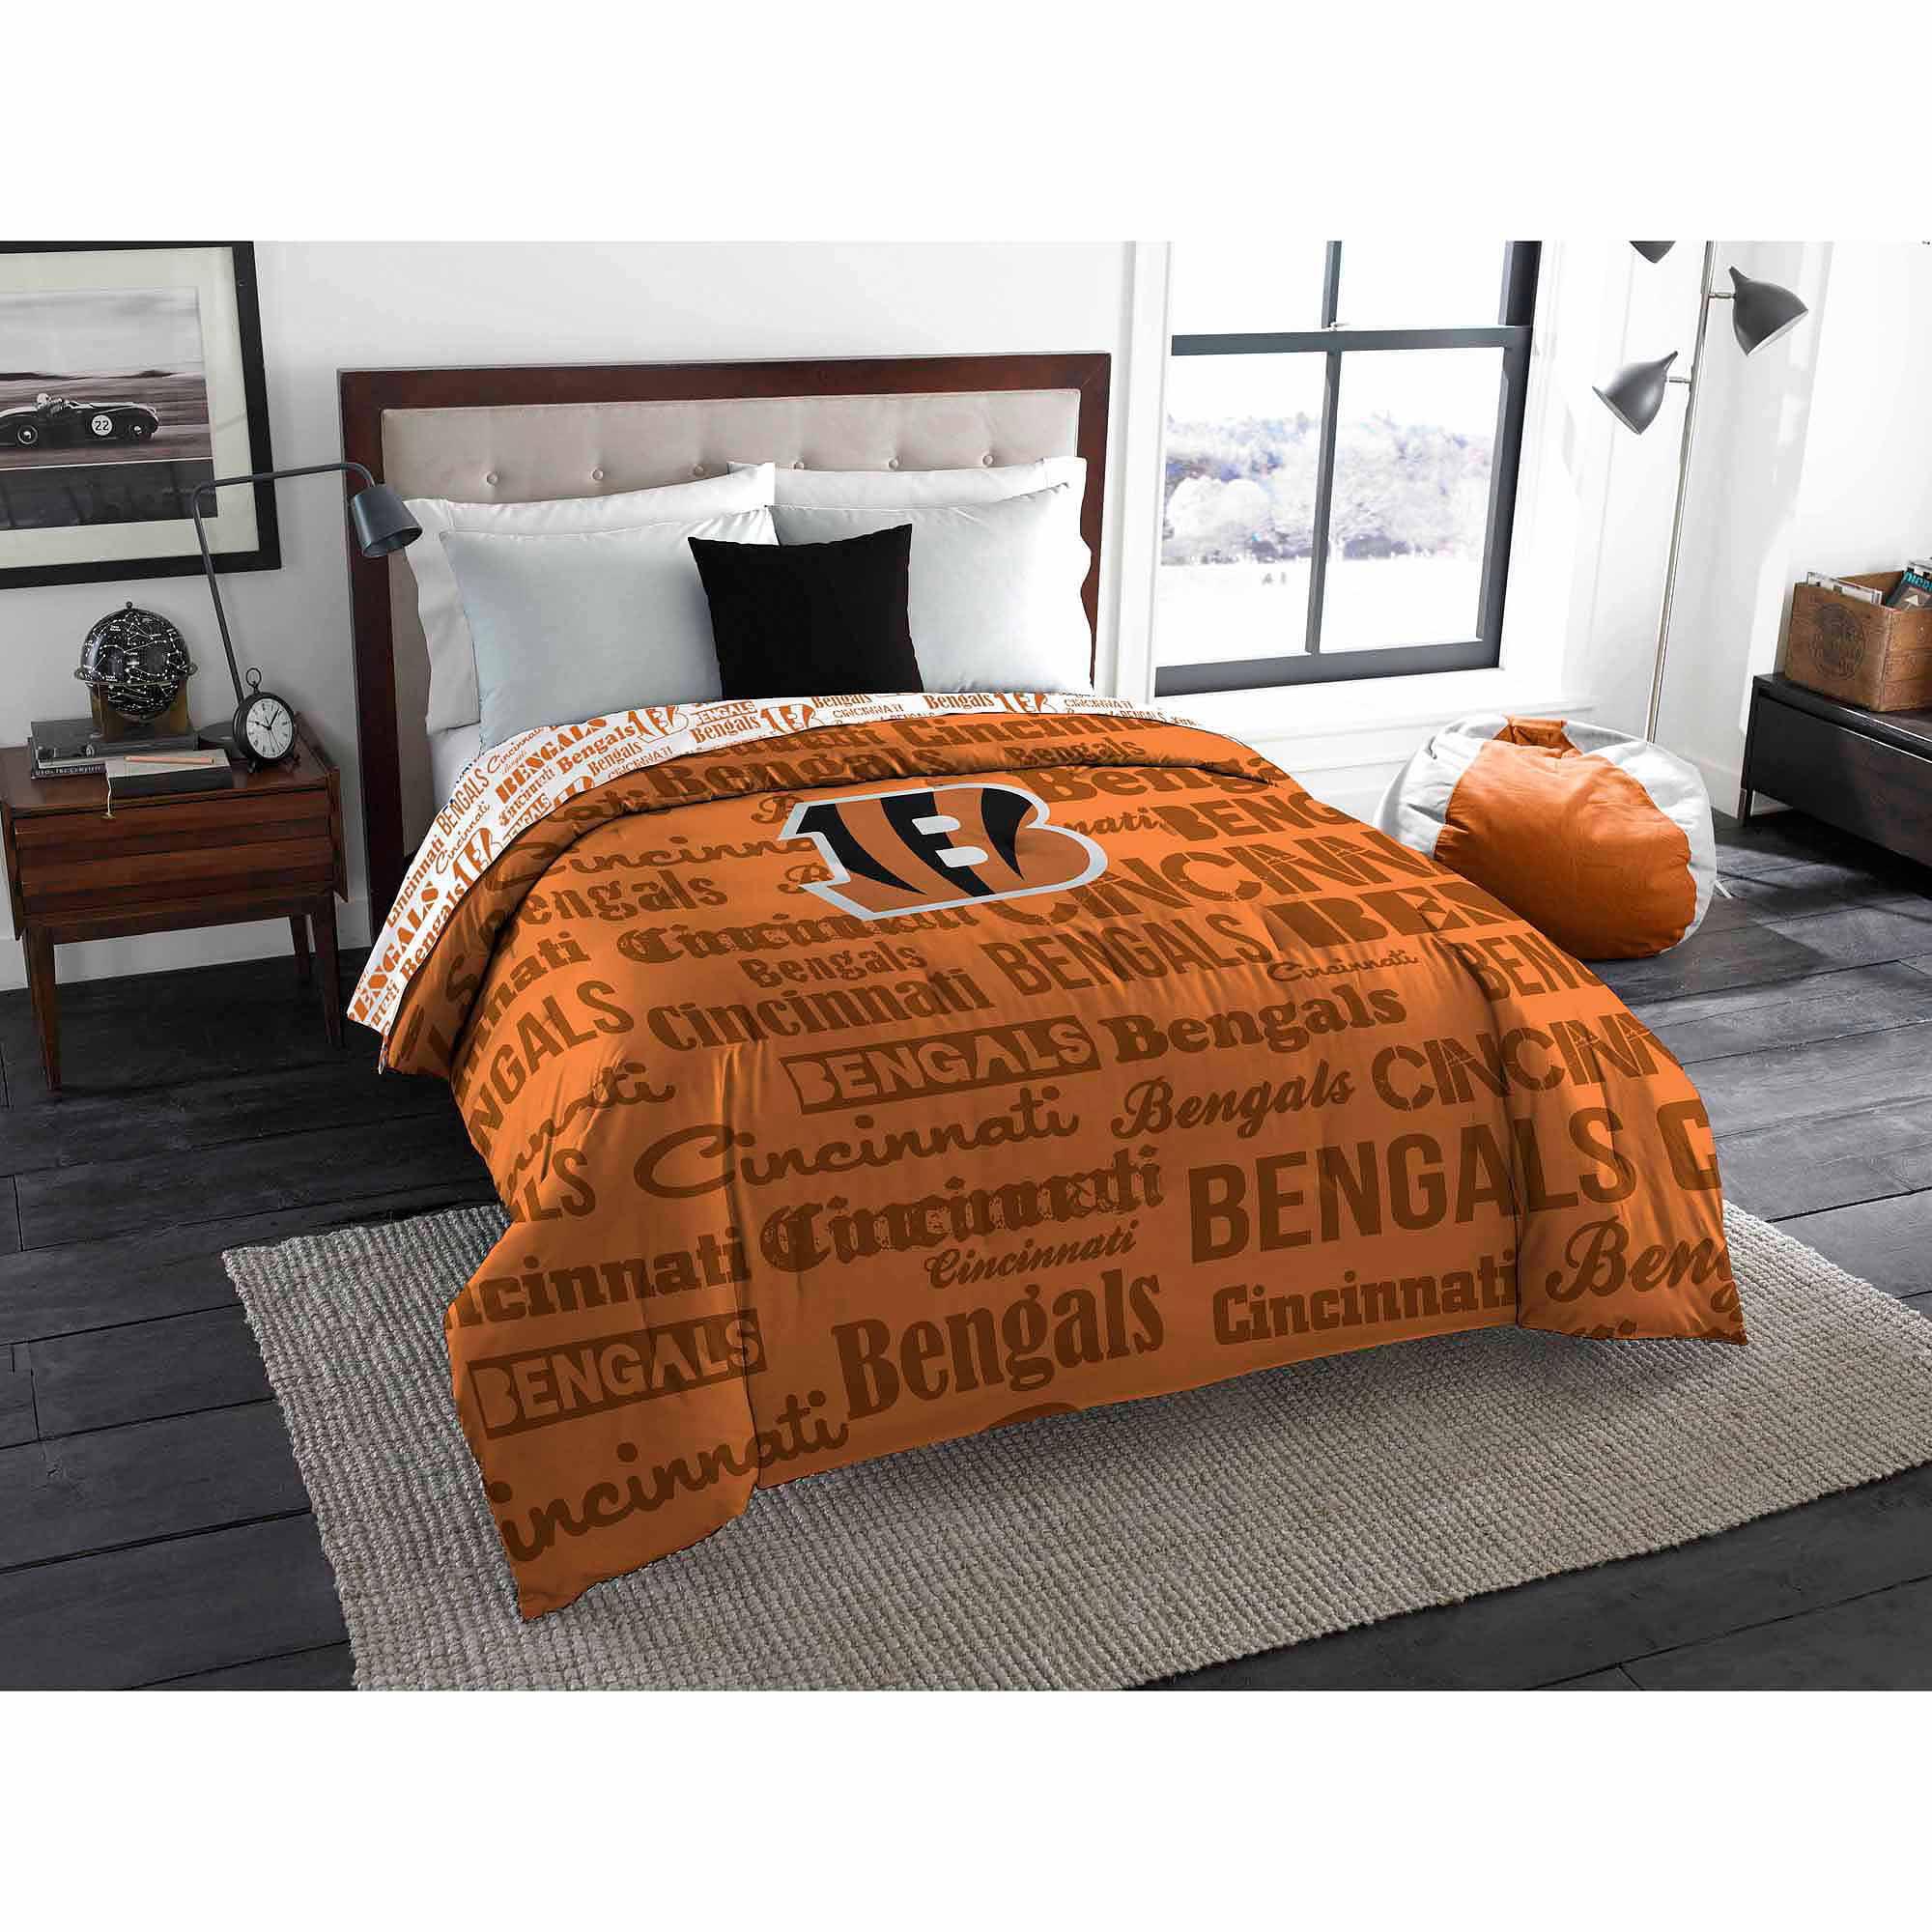 Cincinnati Bengals - Fan Shop - Walmart.com